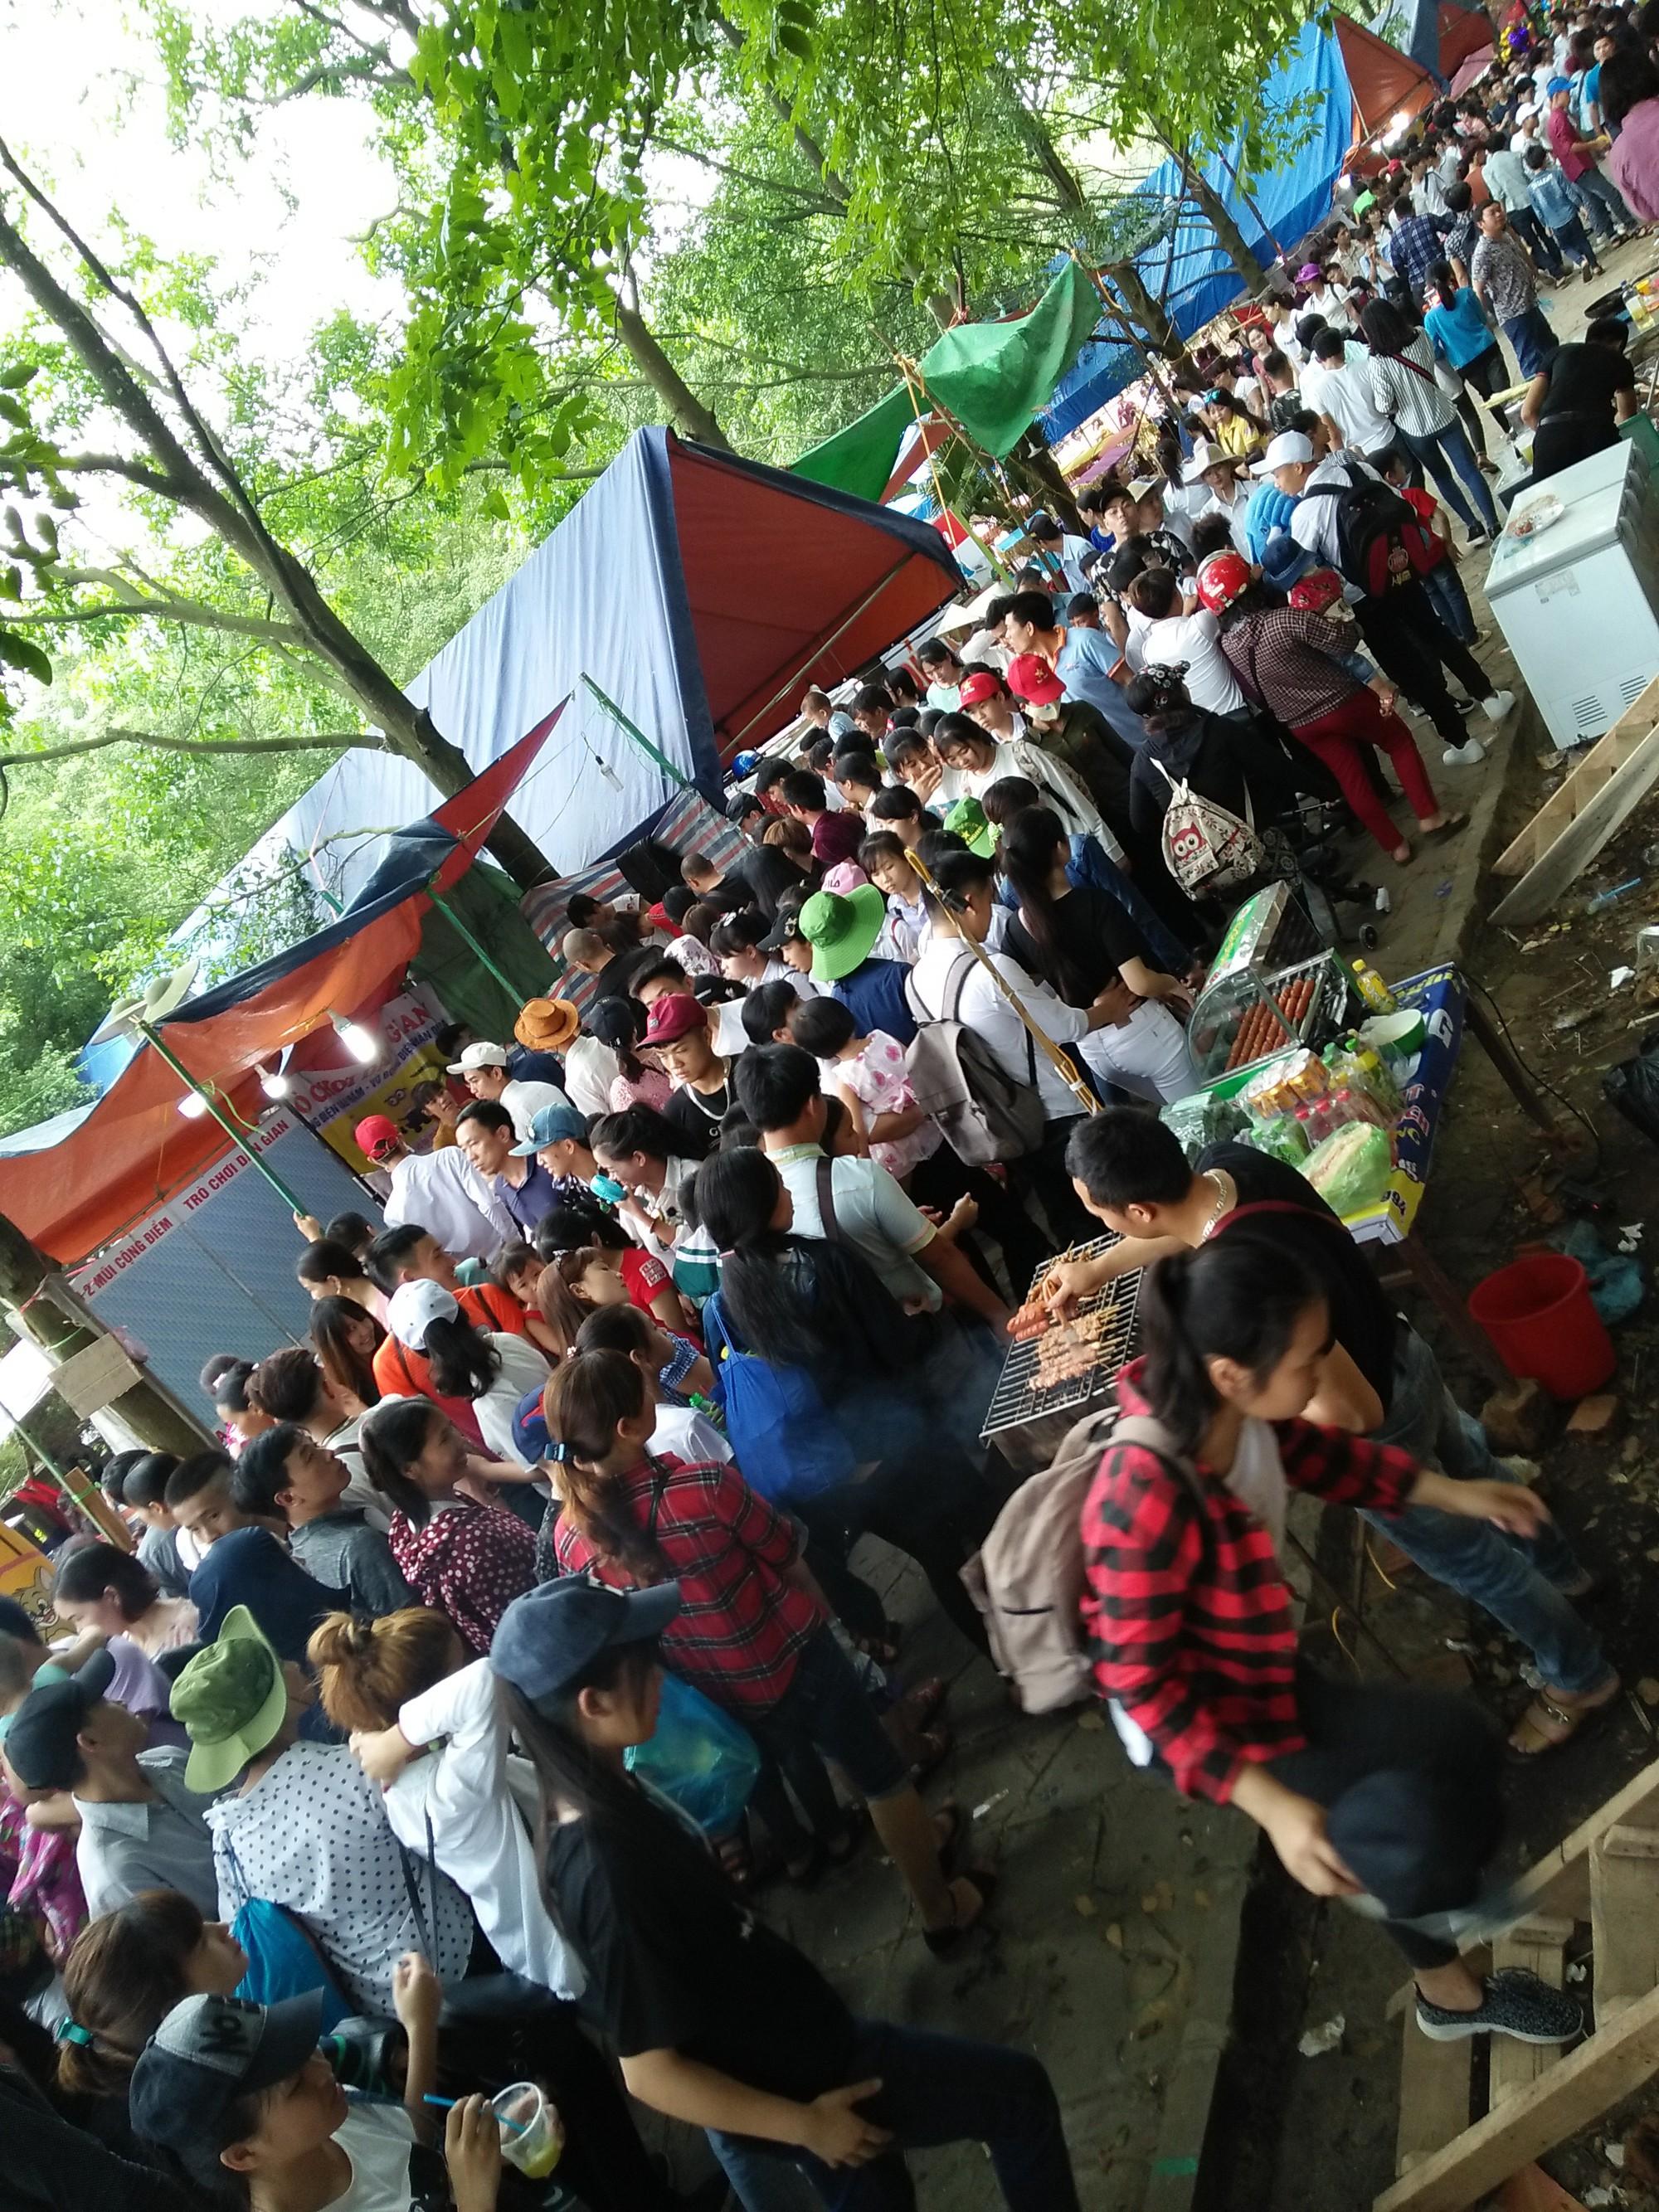 Clip: Biển người đổ về Đền Hùng dù chưa chính hội 10/3, nhiều du khách đợi 2 tiếng chưa lên được tới đền - Ảnh 7.